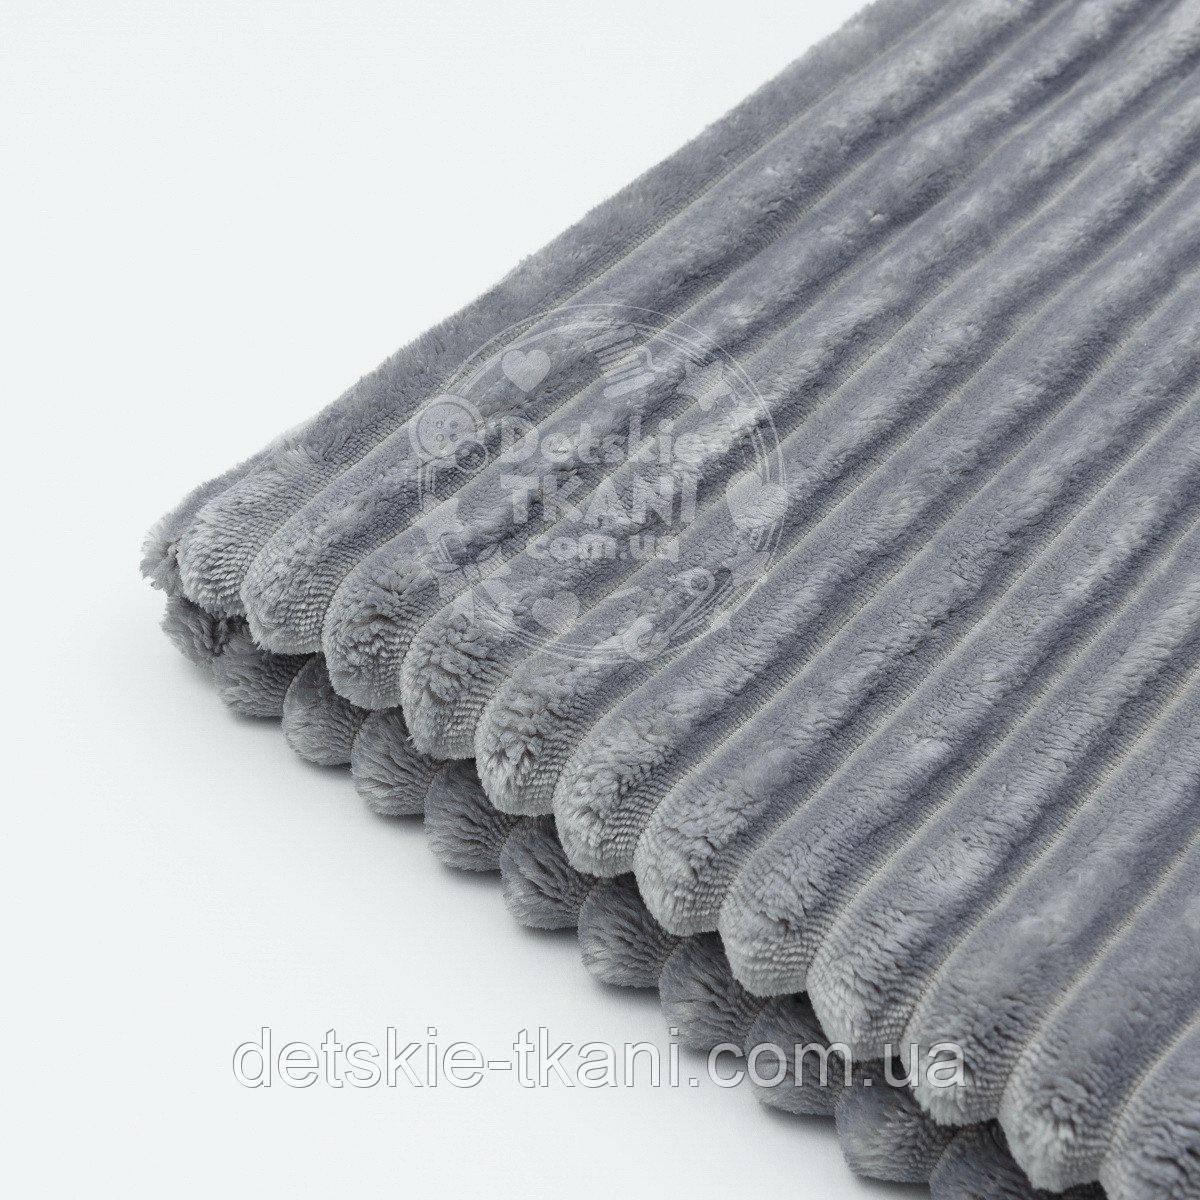 Лоскут плюша в полоску stripes средне-серого цвета, размер 100*80 см (есть загрязнение)